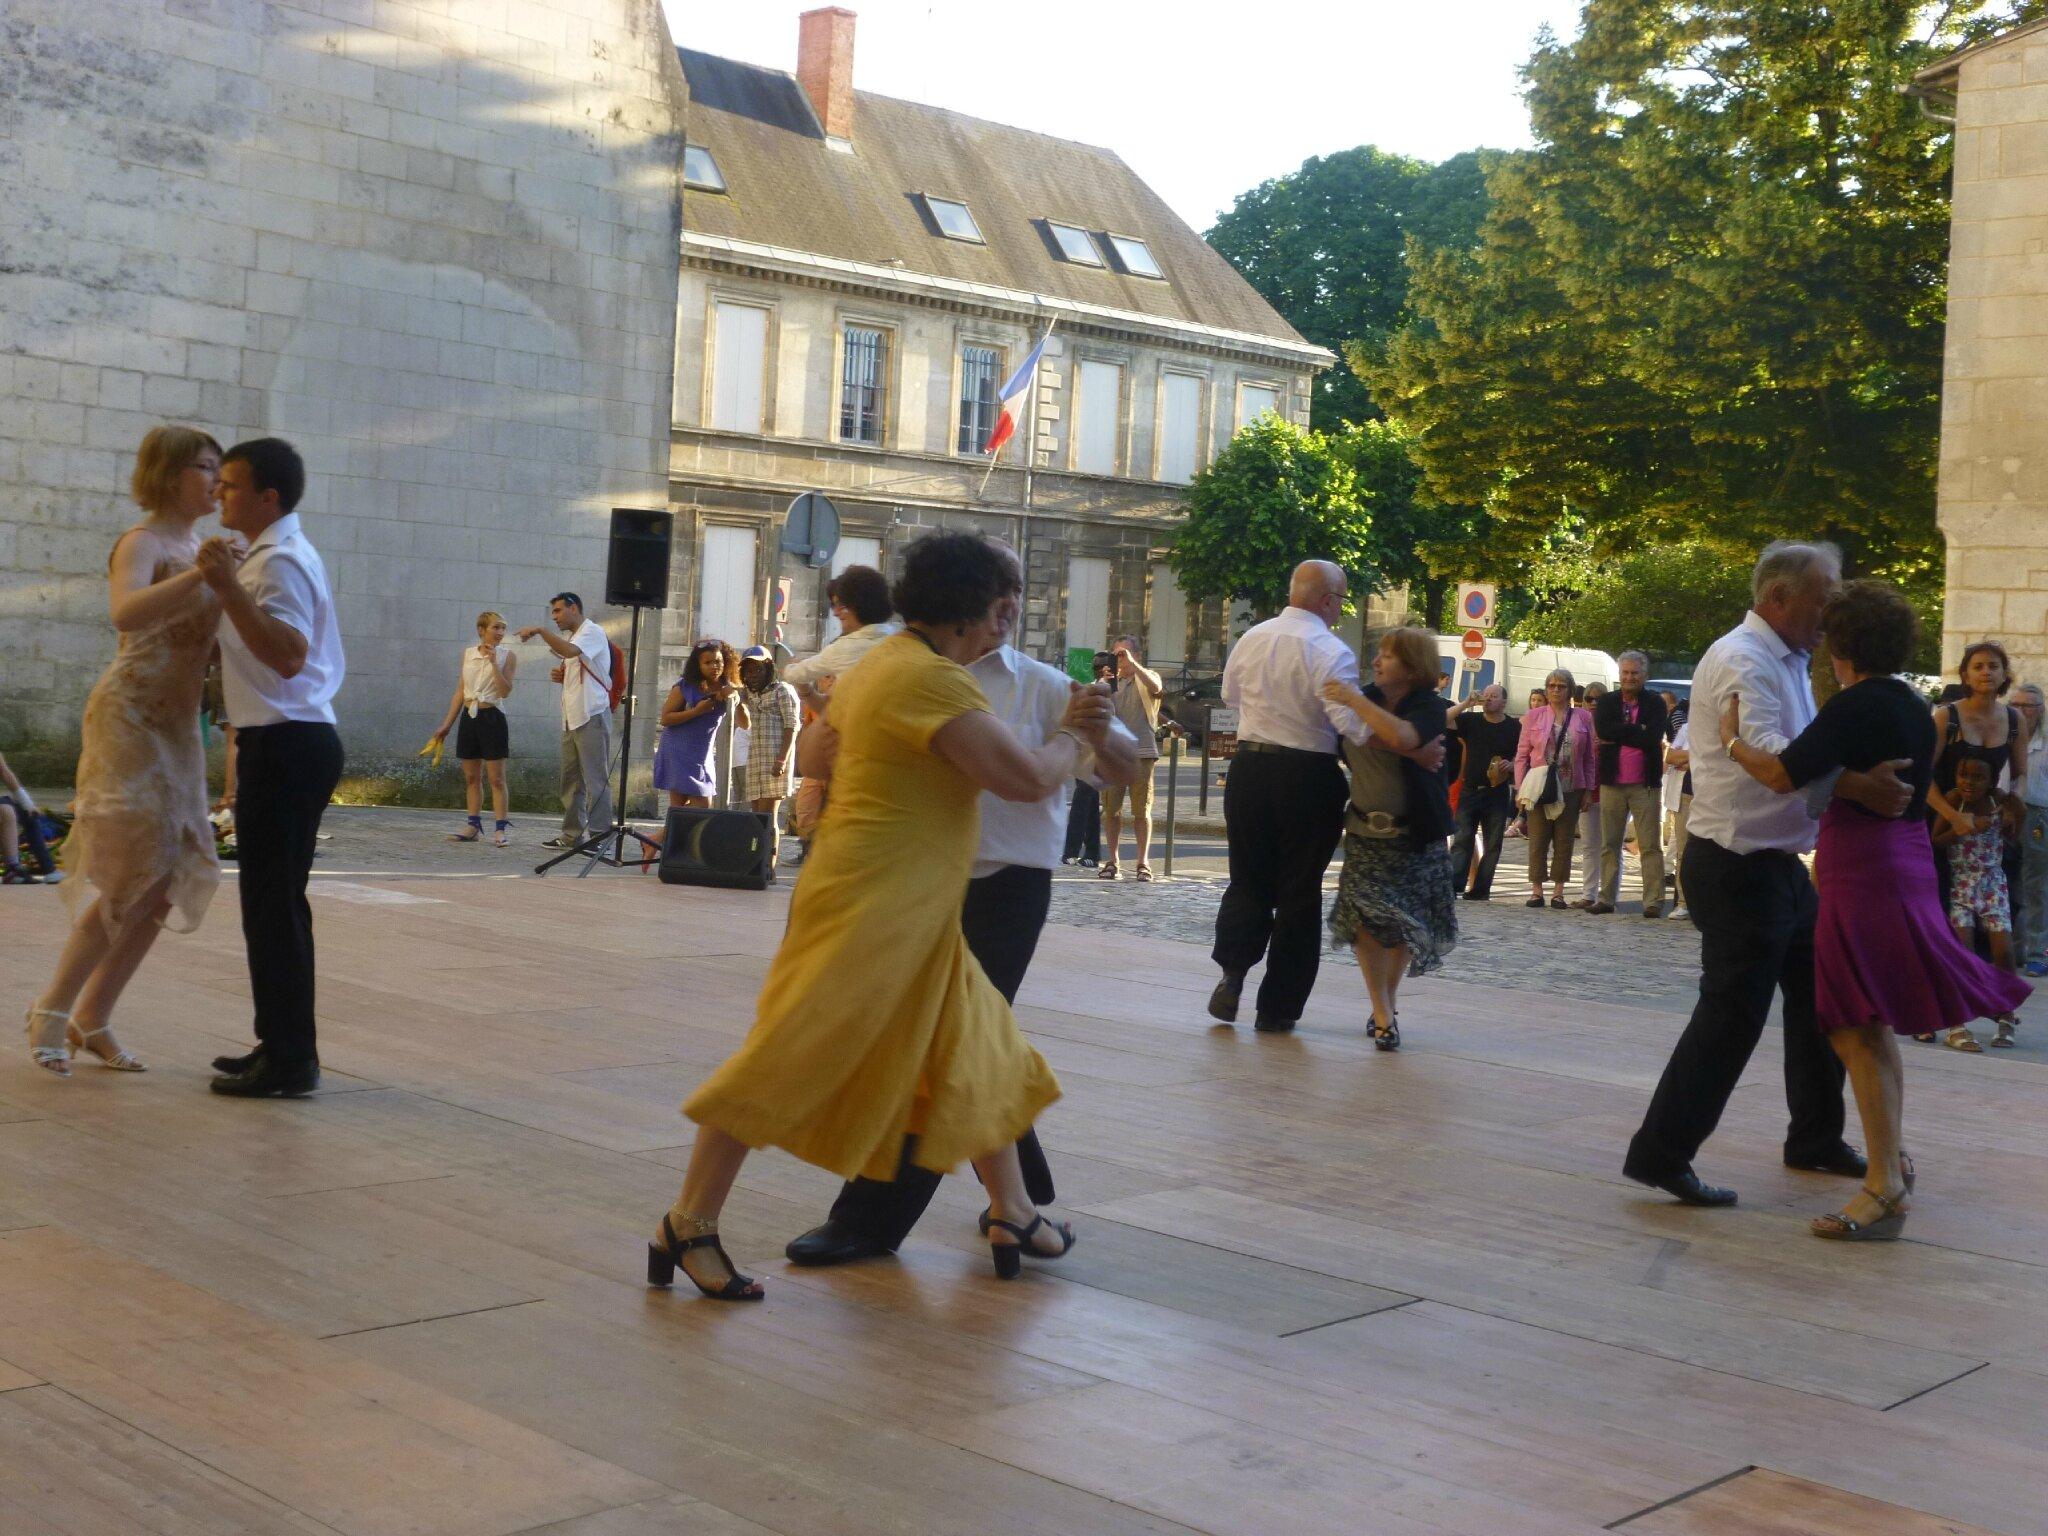 Chores fete de la musique 2015 danse de salon domy 39 s - Musique danse de salon ...